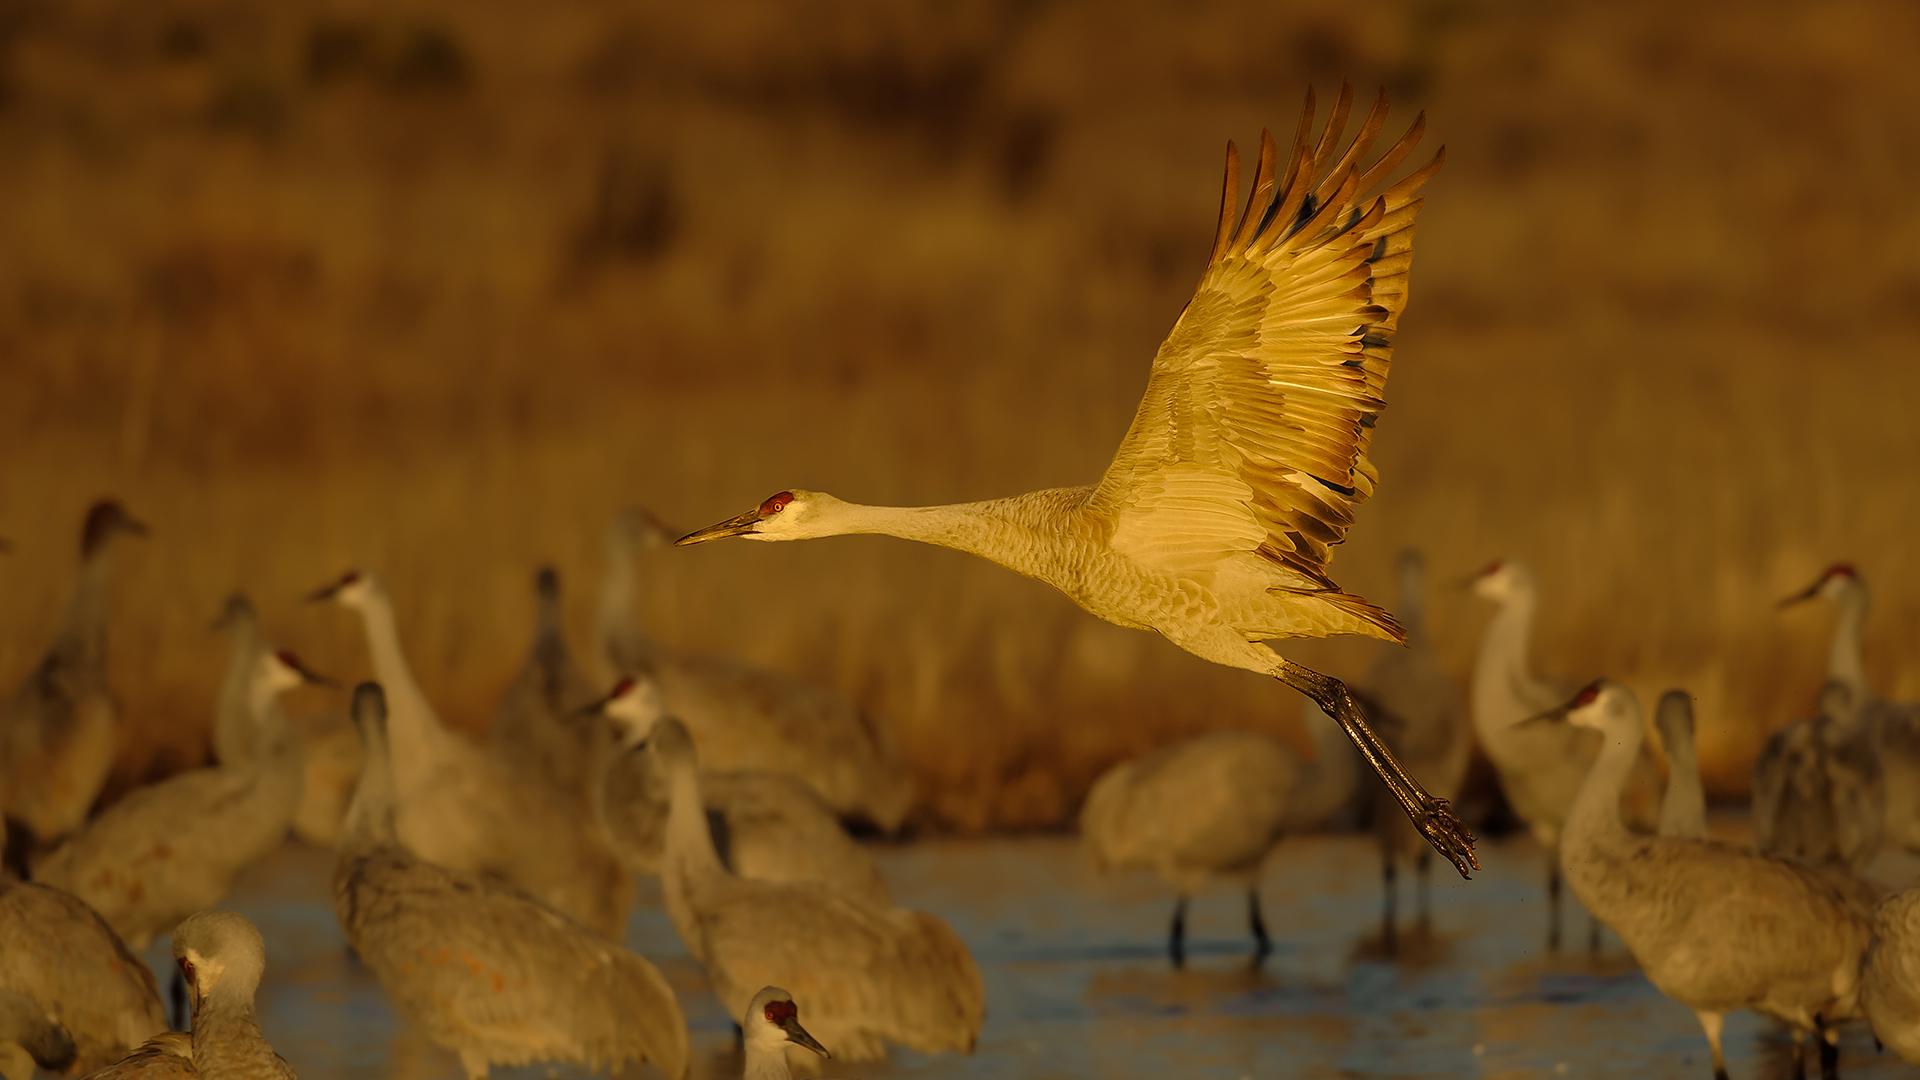 Sandhill Cranes at sunrise - Bosque del Apache NWR, New Mexico